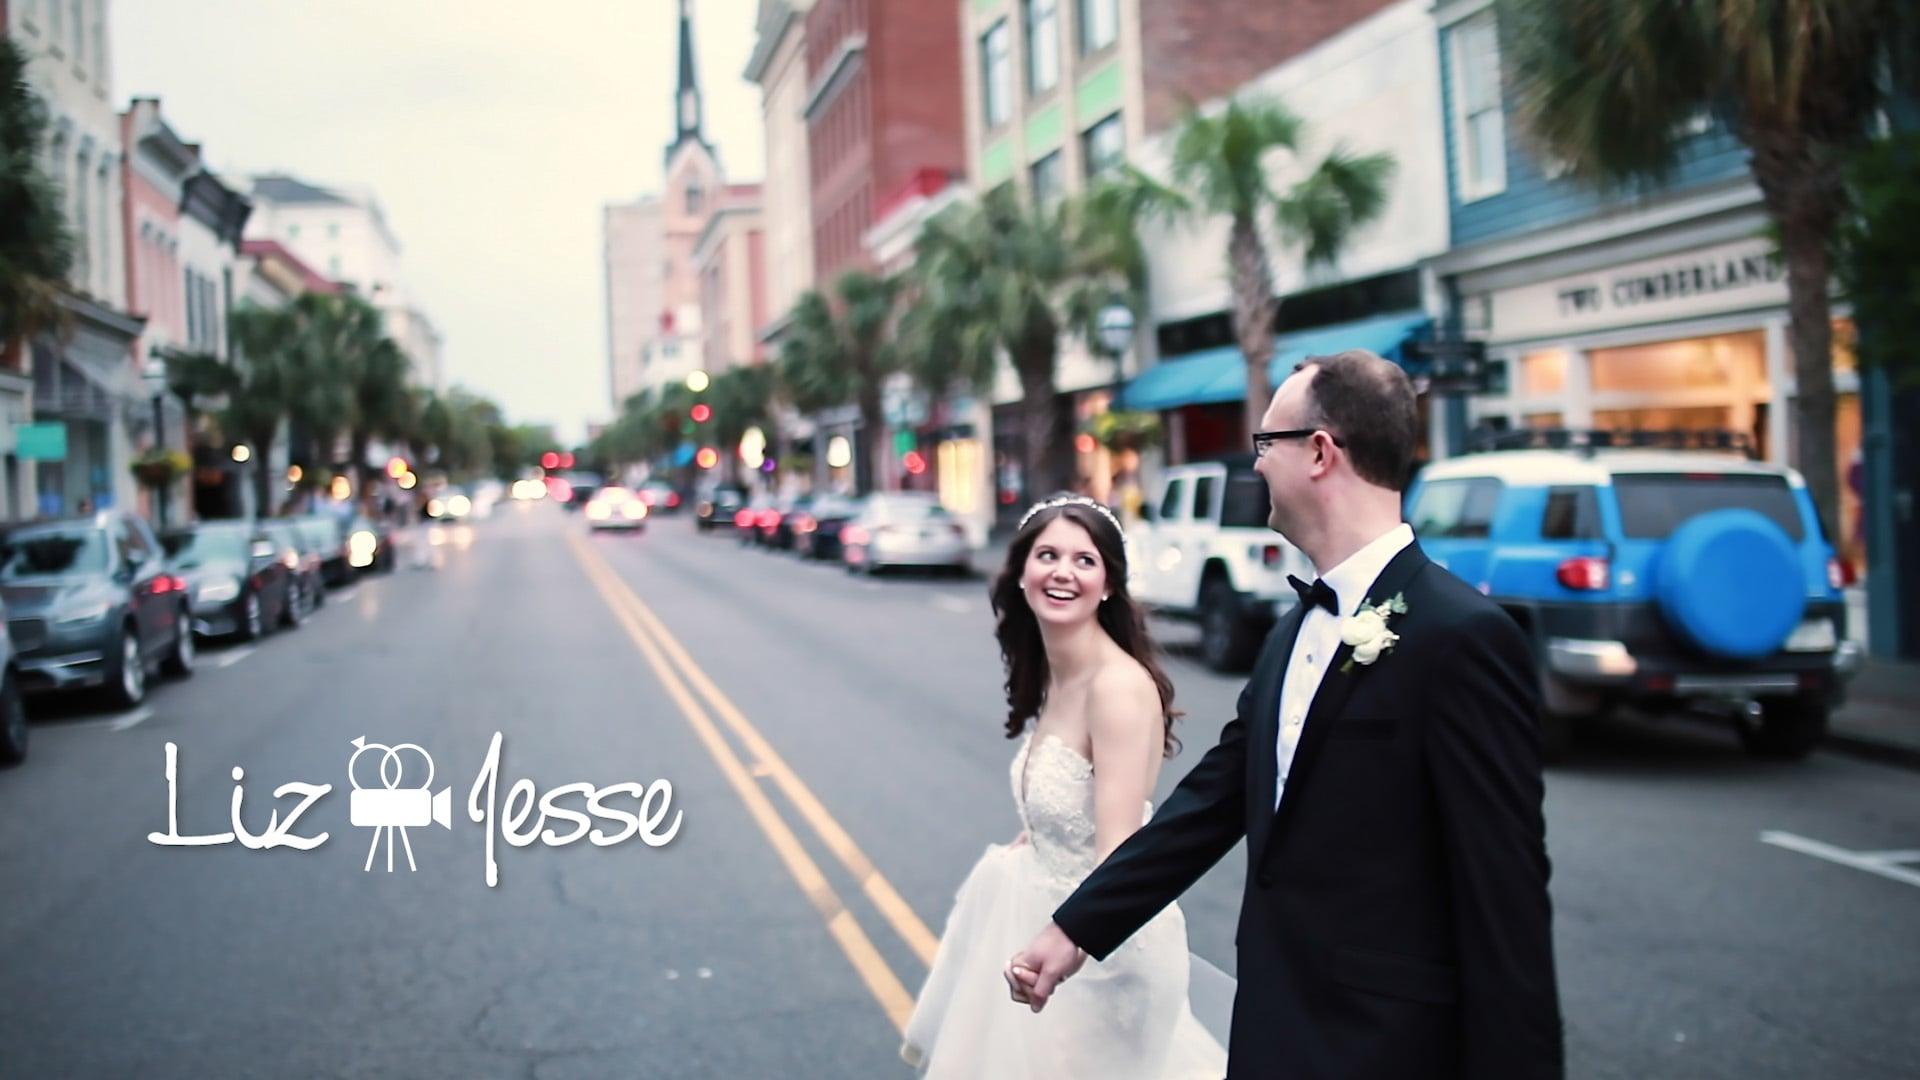 Liz + Jesse | Trailer